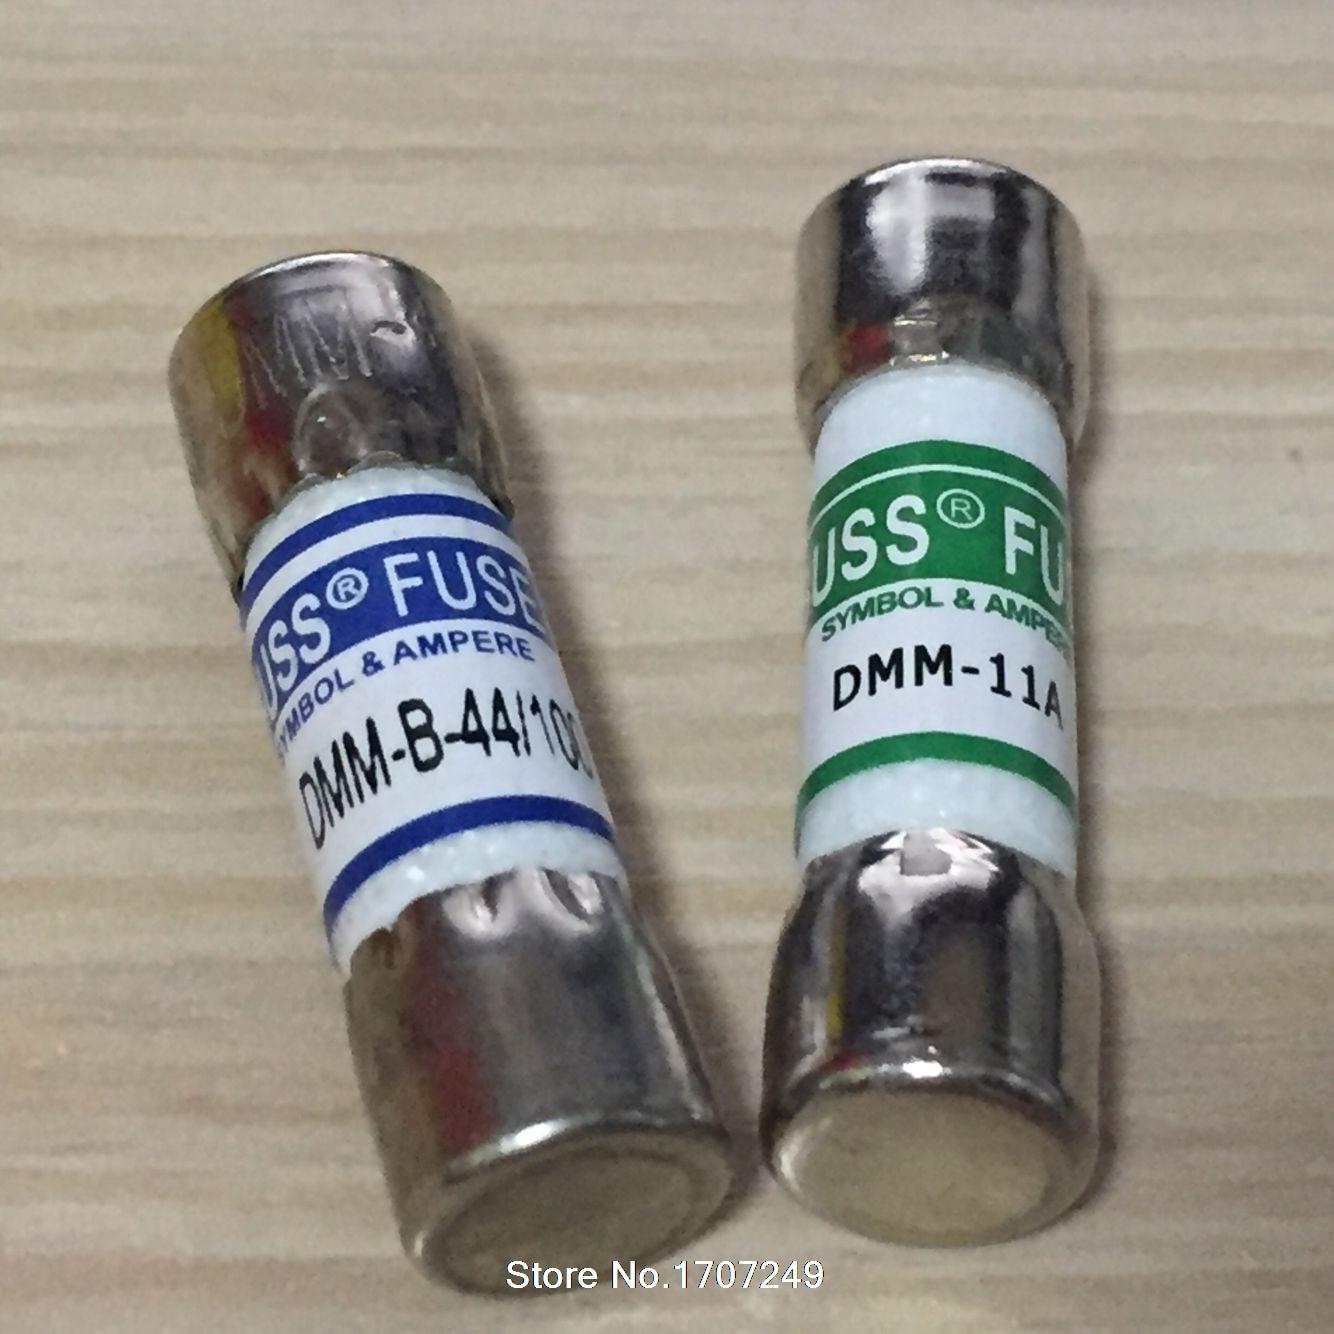 DMM-B-11A + DMM-B-44/100 1000VAC/DC 10*38 MM 11A + 10*35mm 440MA BUSS SICHERUNG für FLUKE MULTIMETER BUSSMANN DMM-11A + DMM-44/100